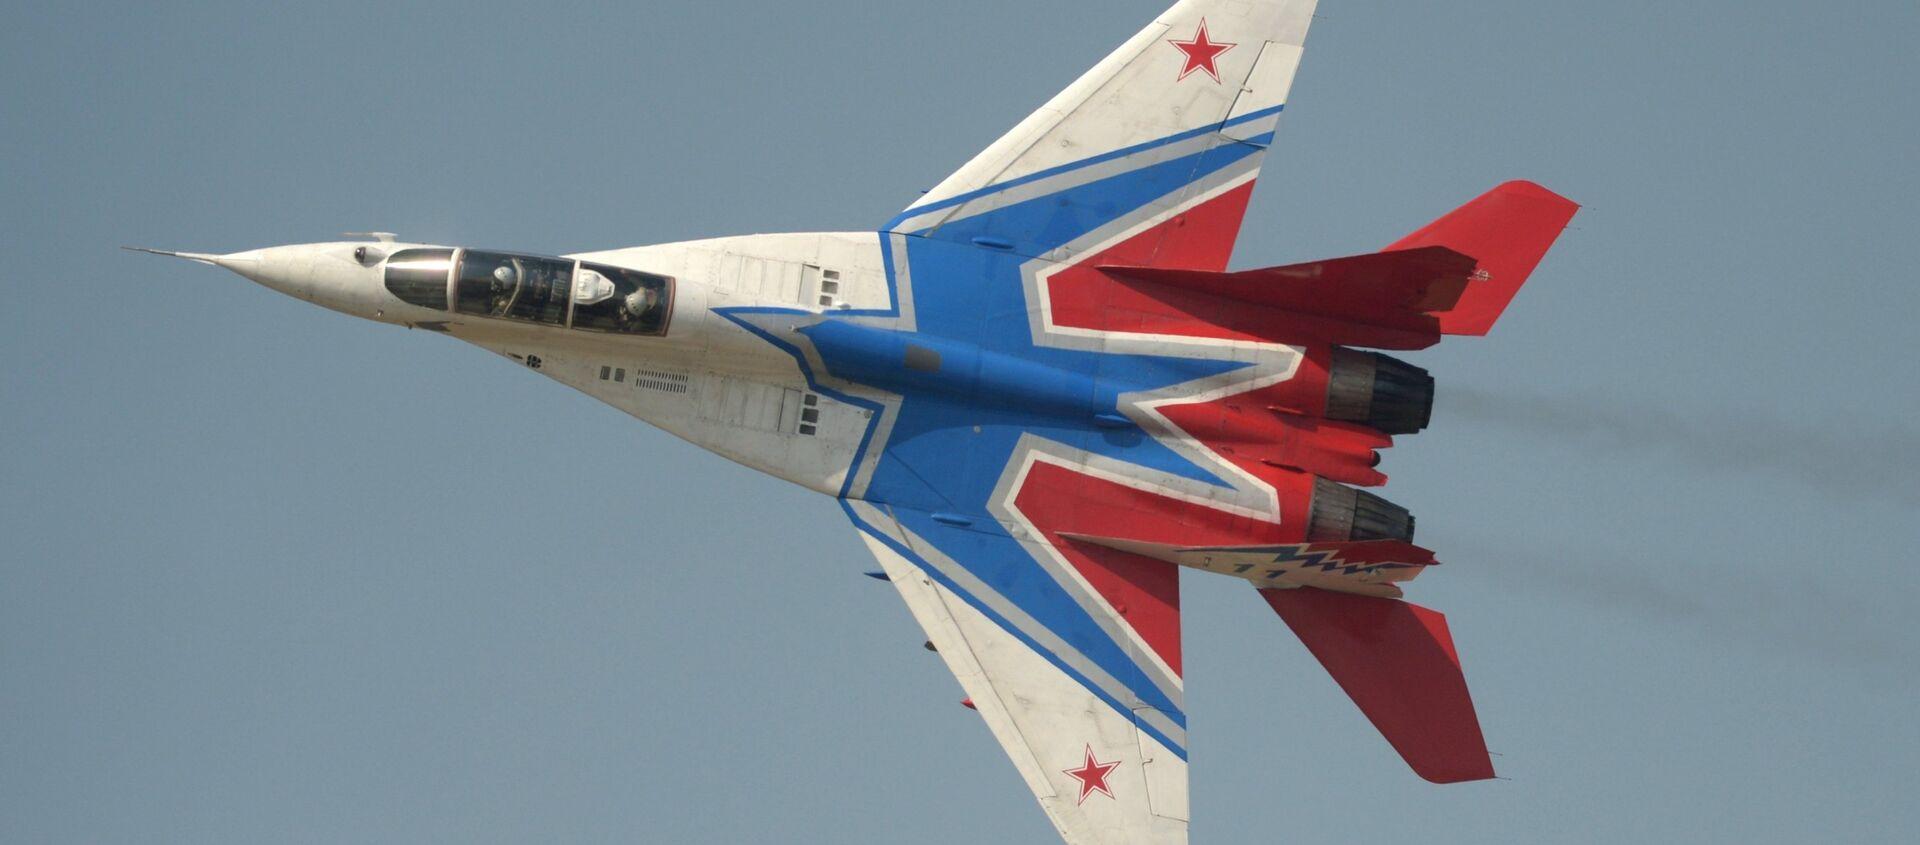 Máy bay MiG-29 - Sputnik Việt Nam, 1920, 03.02.2021